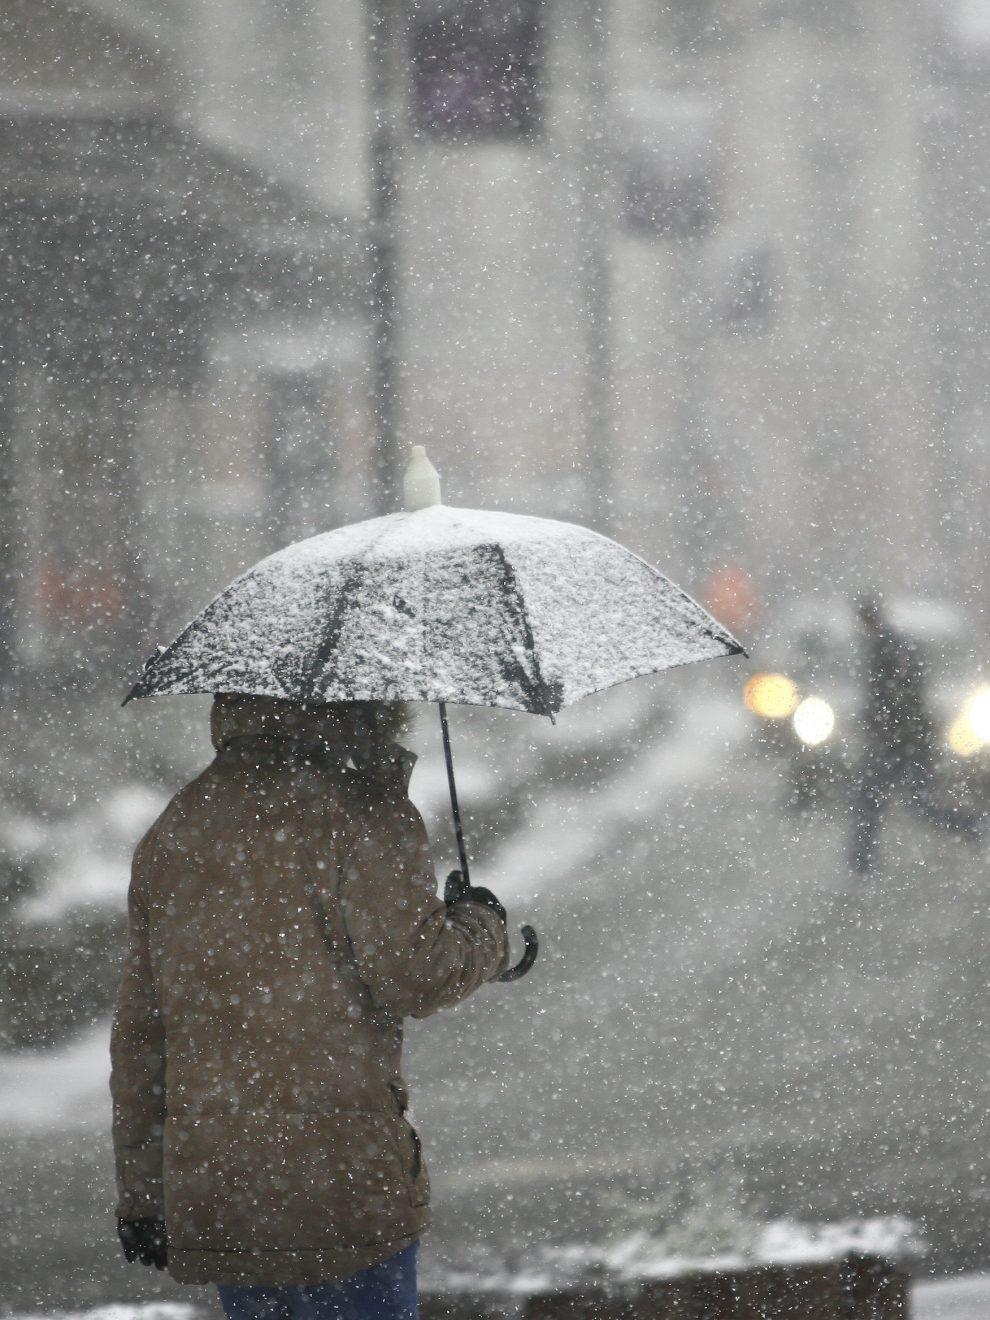 Tokom noći očekuje se ledena kiša koja će se ponegde, uglavnom na severu i istoku, lediti na tlu, a duvaće povremeno i olujni vetar, upozorio je jutros AMSS.